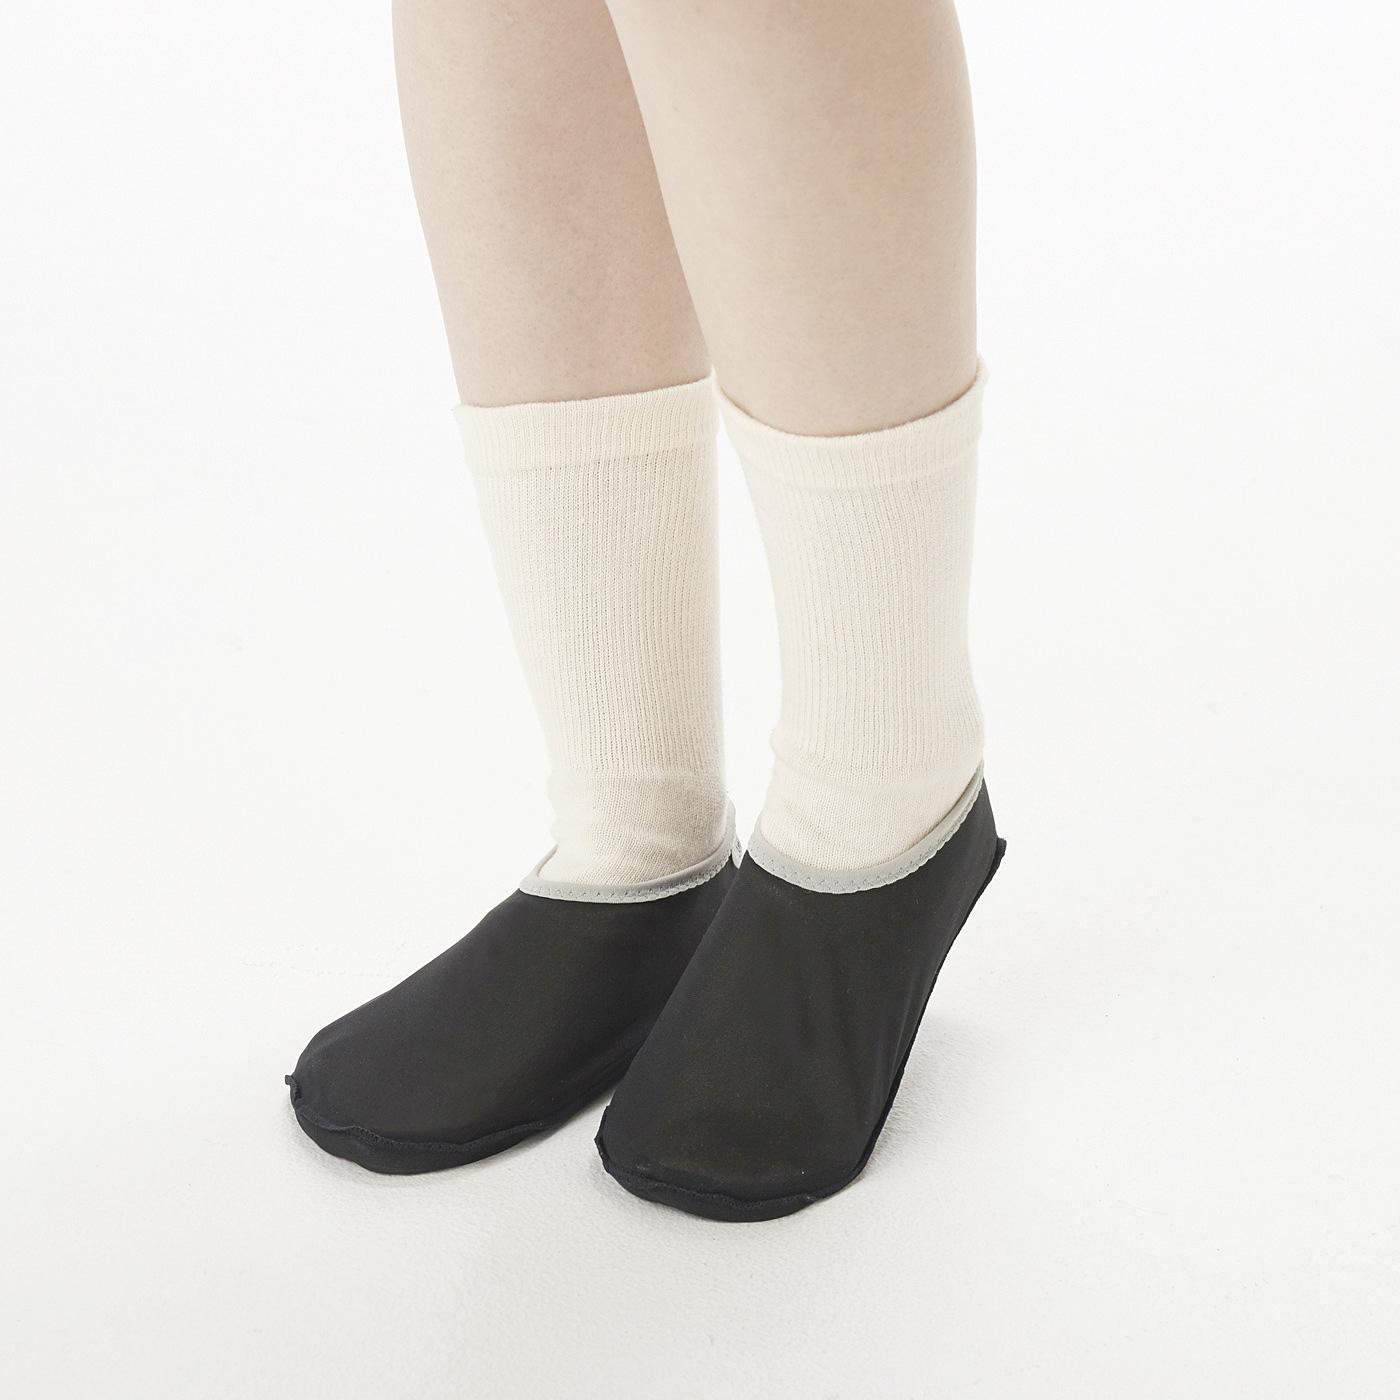 靴下の上からはく、靴下カバーです。